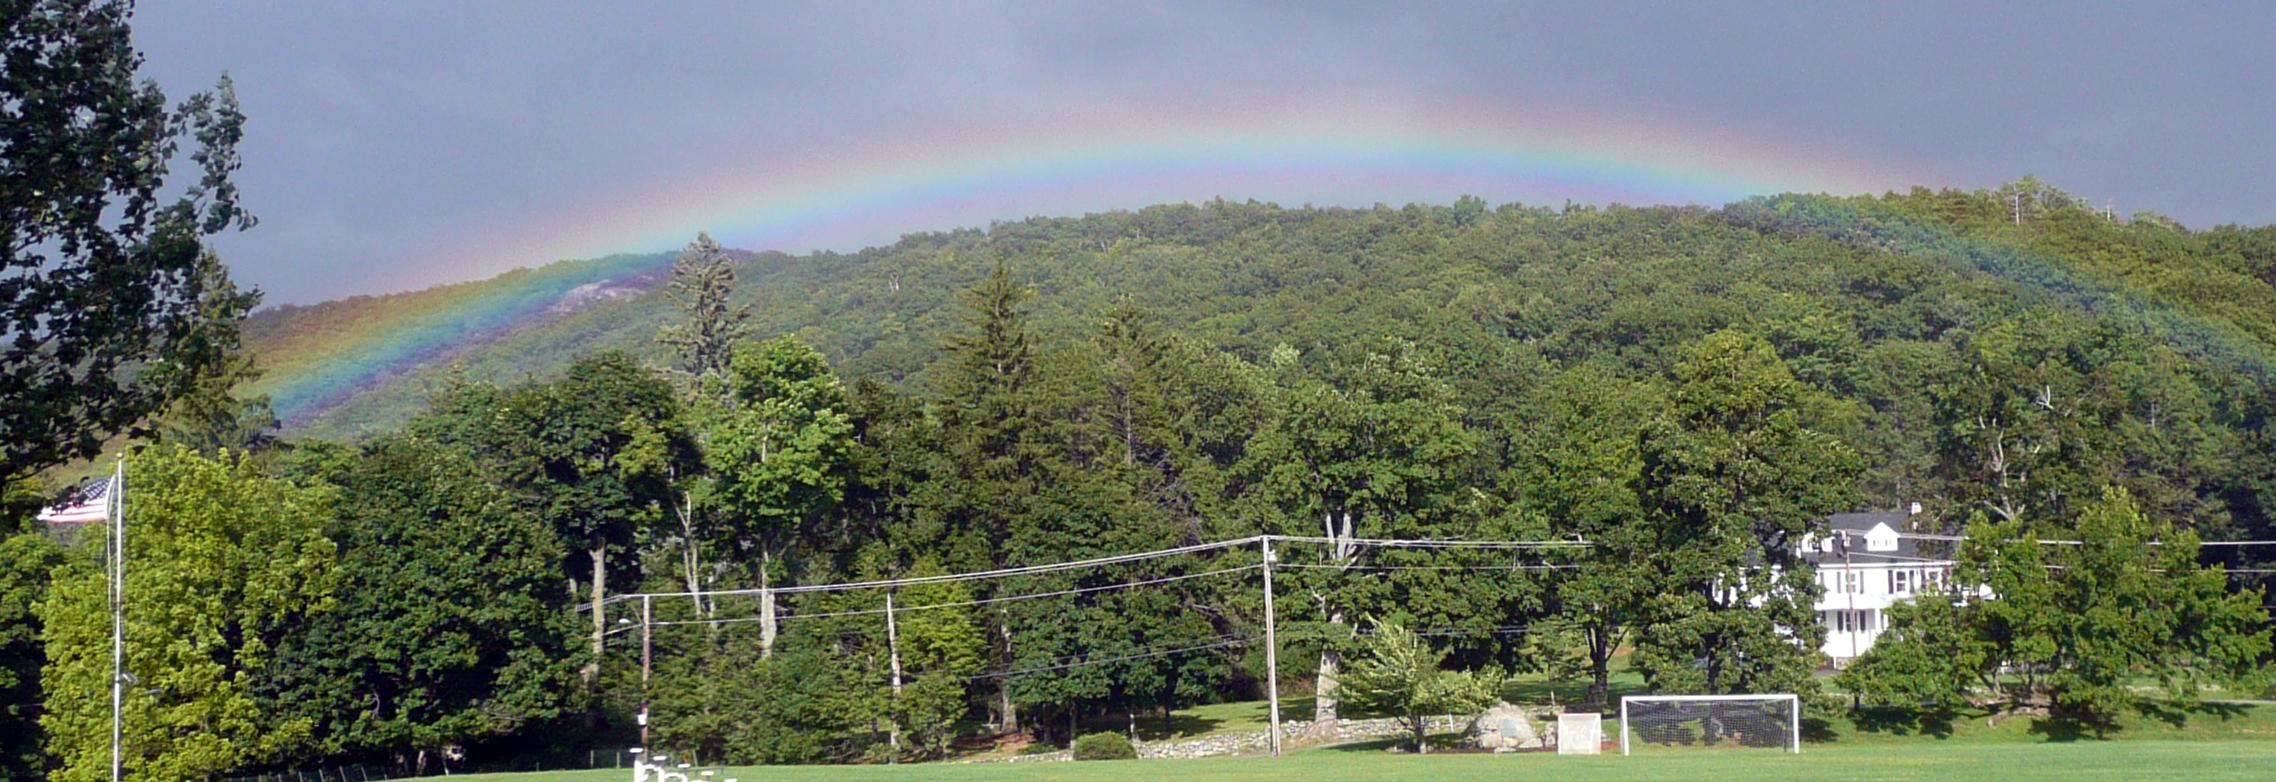 12-13 rainbow over Spy Rock